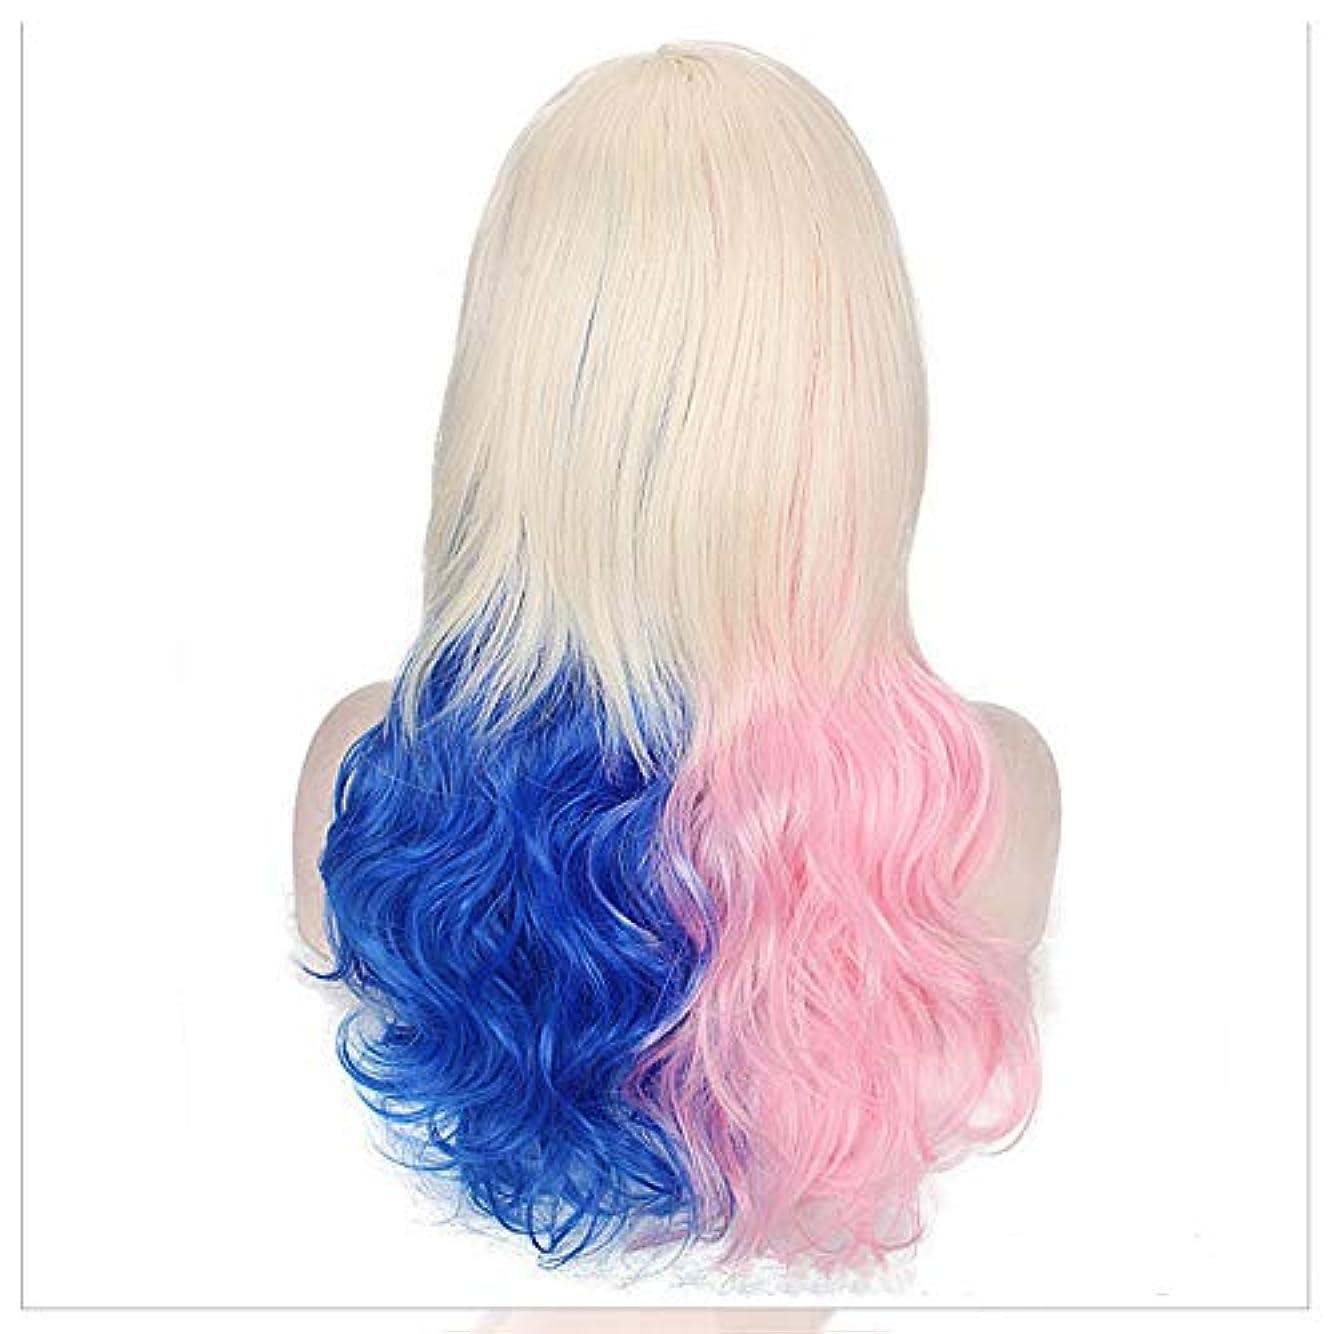 パイント悪性エリート偽の髪のスライス、髪の接続、ヘアピンの巻いた髪、マットな髪のかつら、成長した髪を接ぎ木して、傷がないです